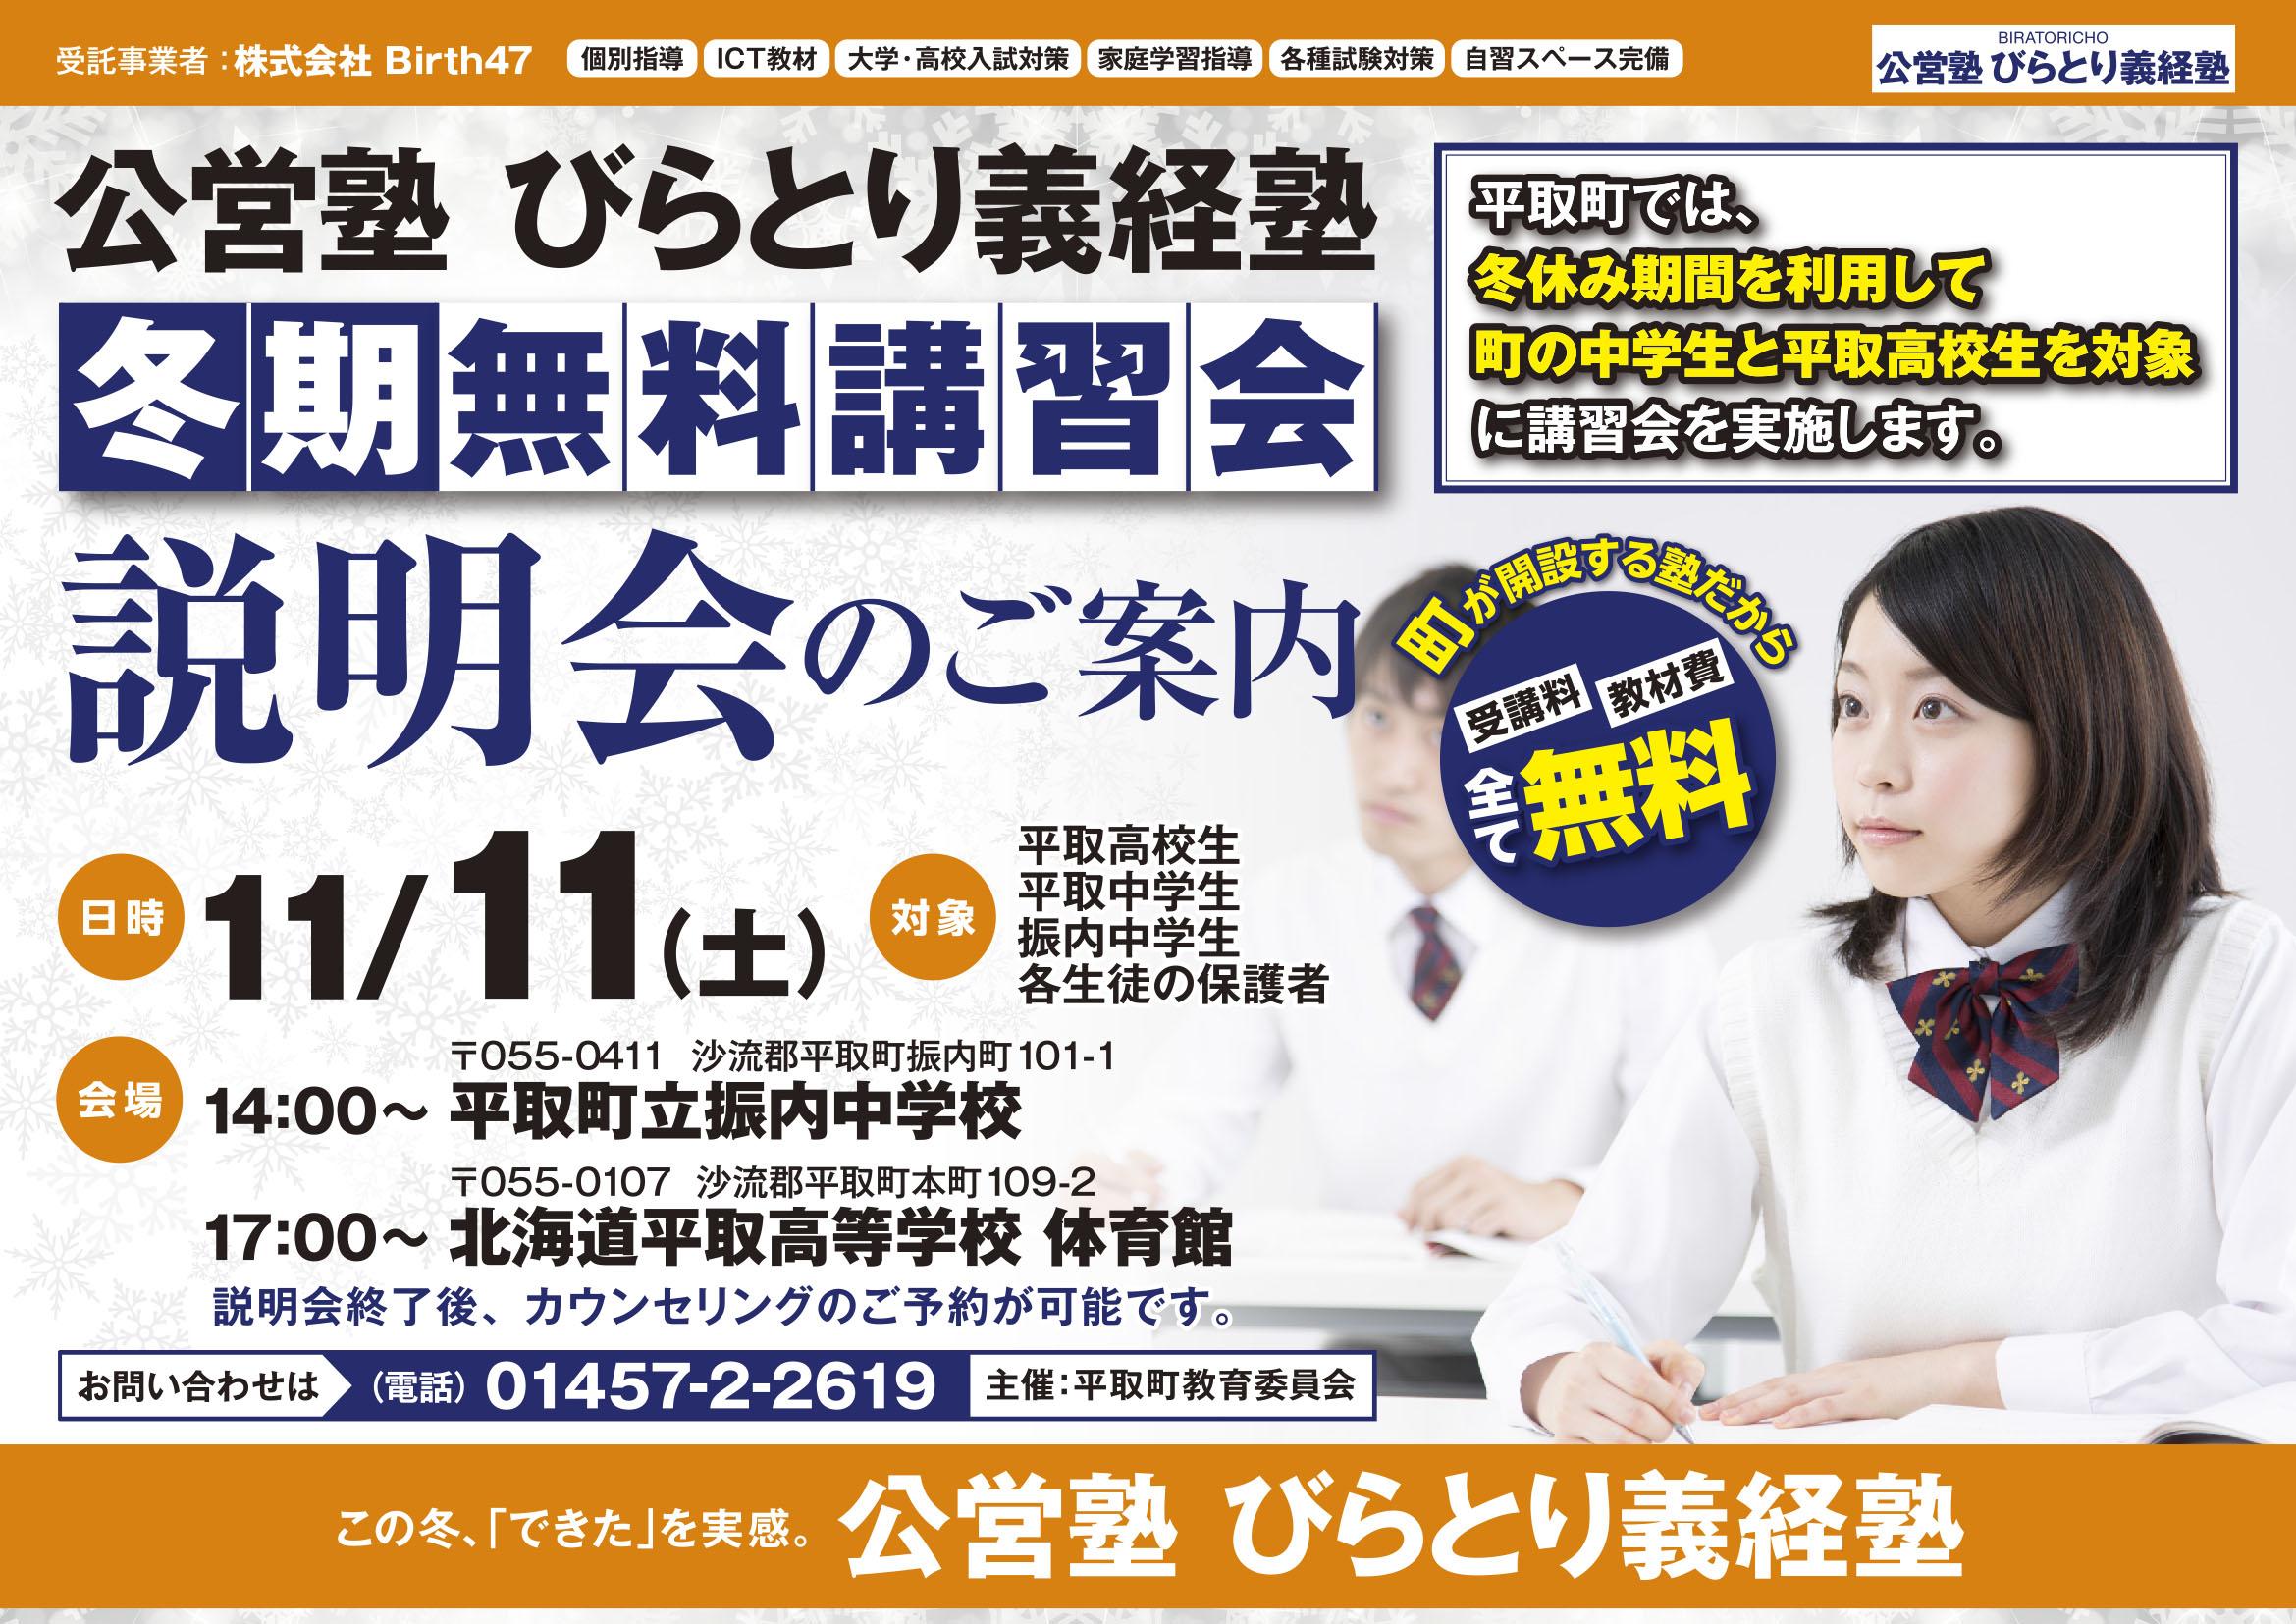 平取町 冬期講習会 説明会開催